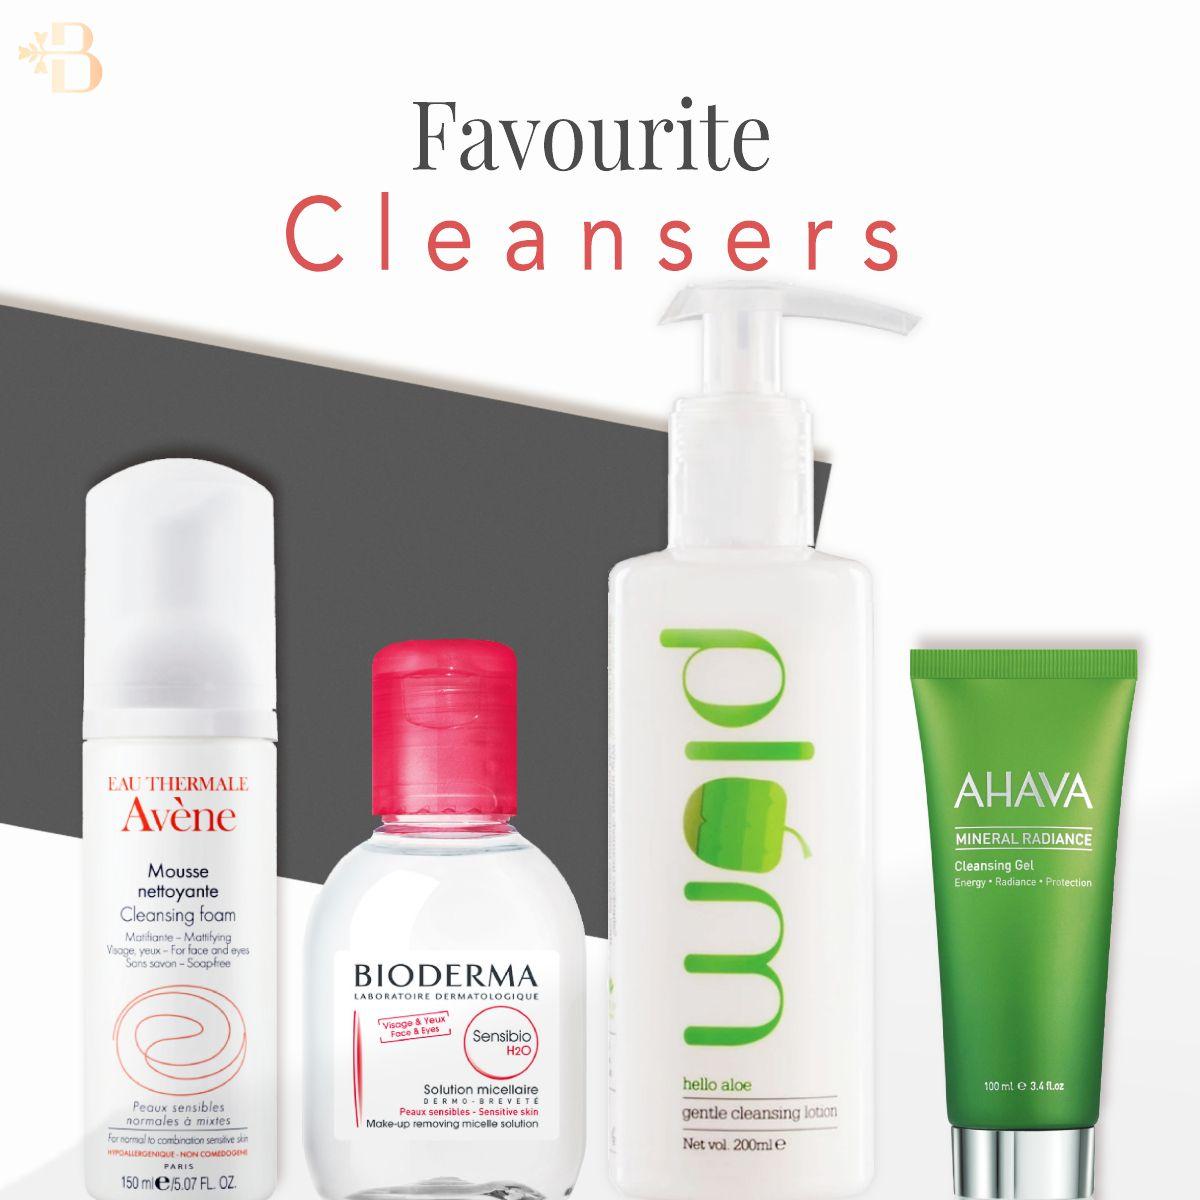 Avene Mousse Nettoyante Cleansing Foam Ingredients